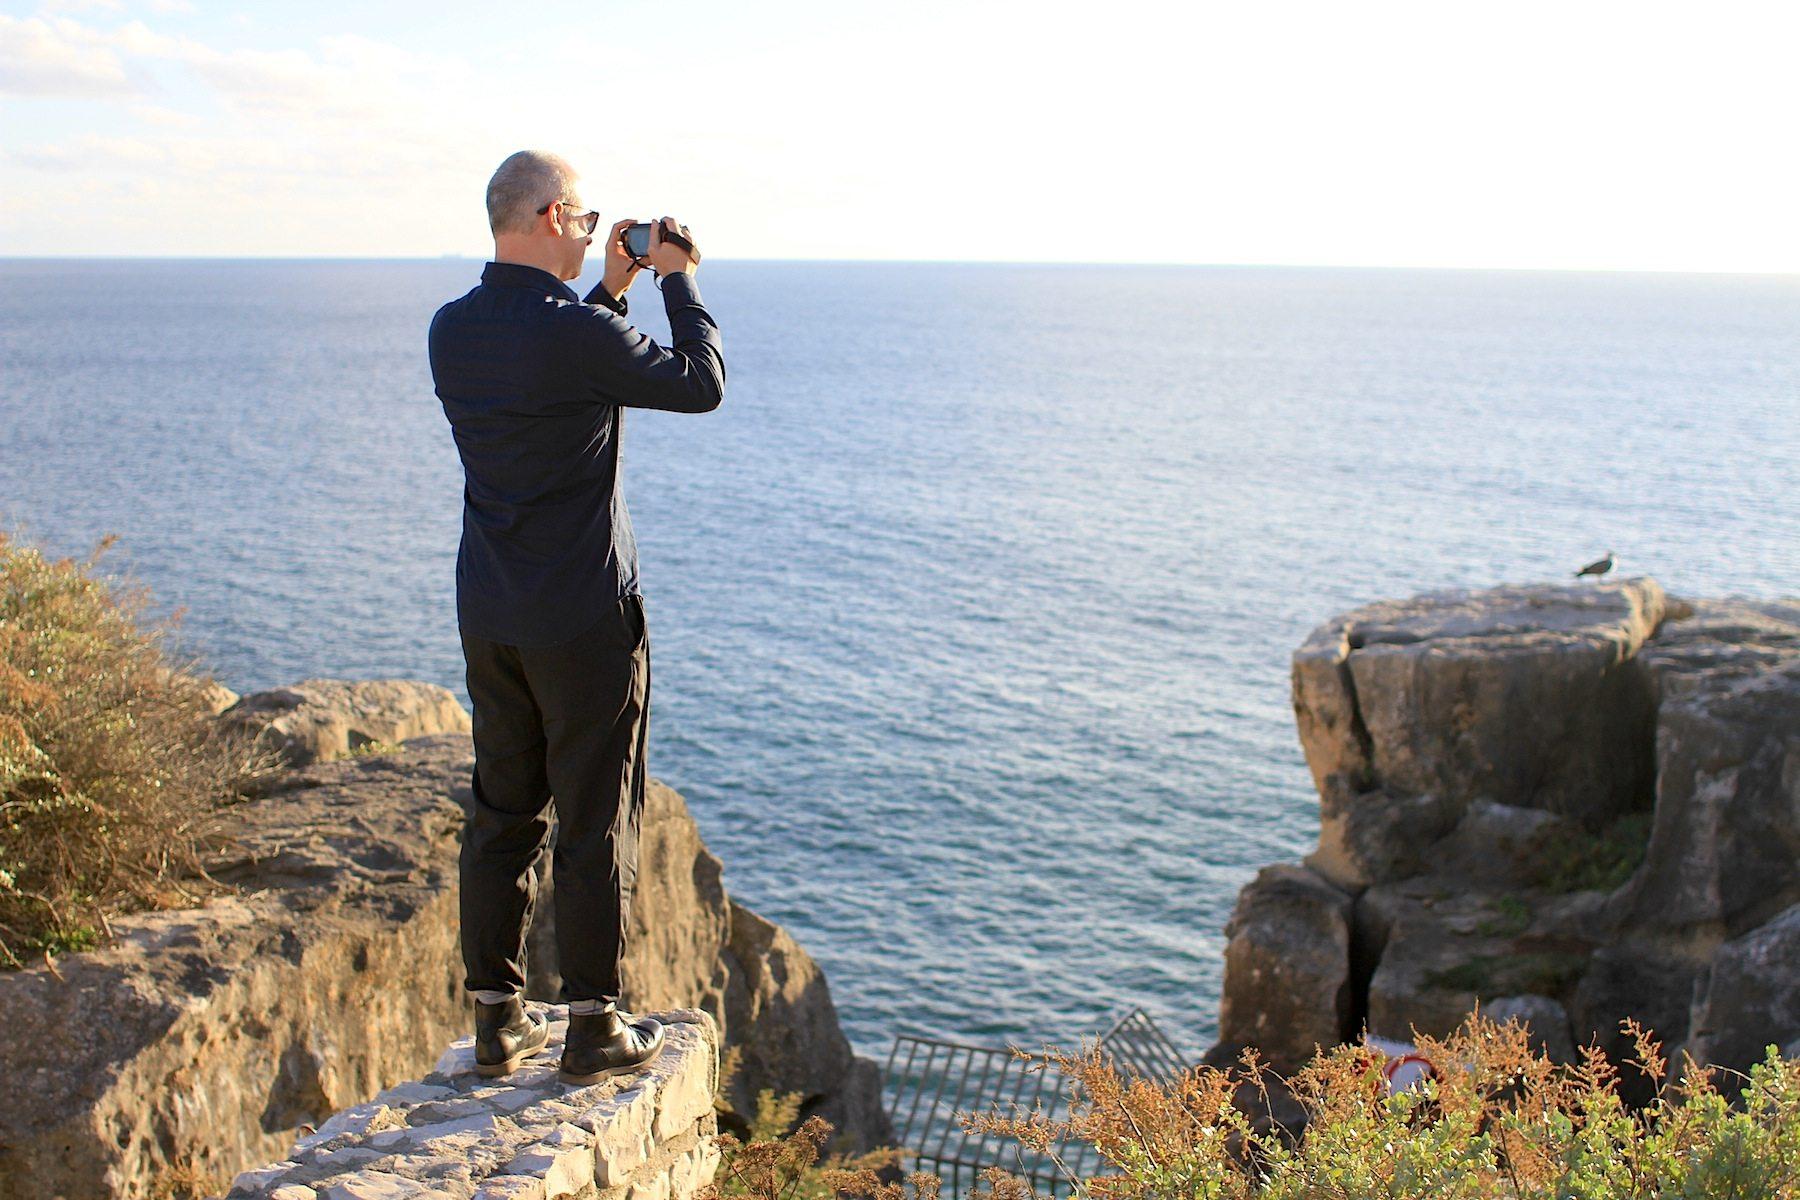 Aussichten. Wer genug von Museen, Architekturen und Kulturstätten hat, wendet sich den anderen Reizen dieses schönen Landstrichs zu: Natur, Meer und weite Blicke.